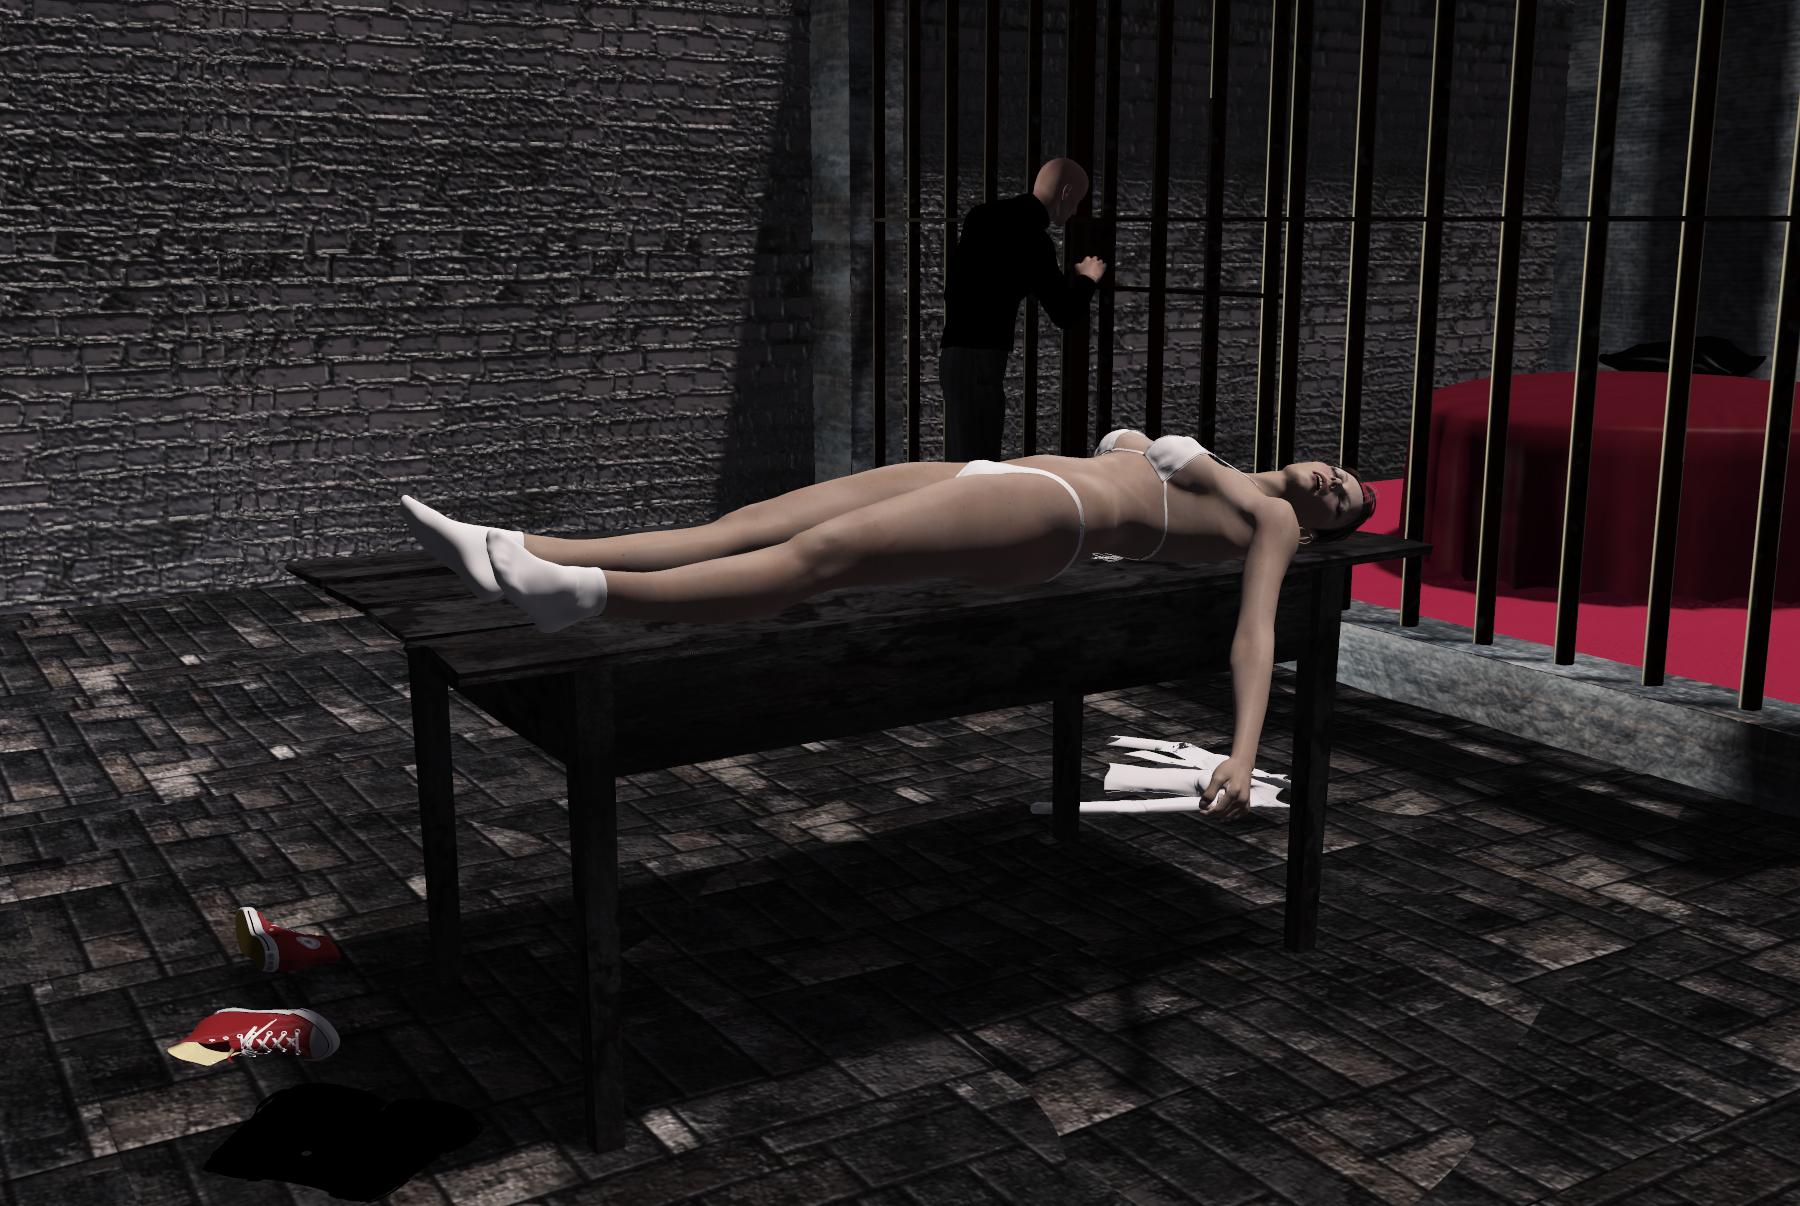 Kardashian unconcious woman stripped